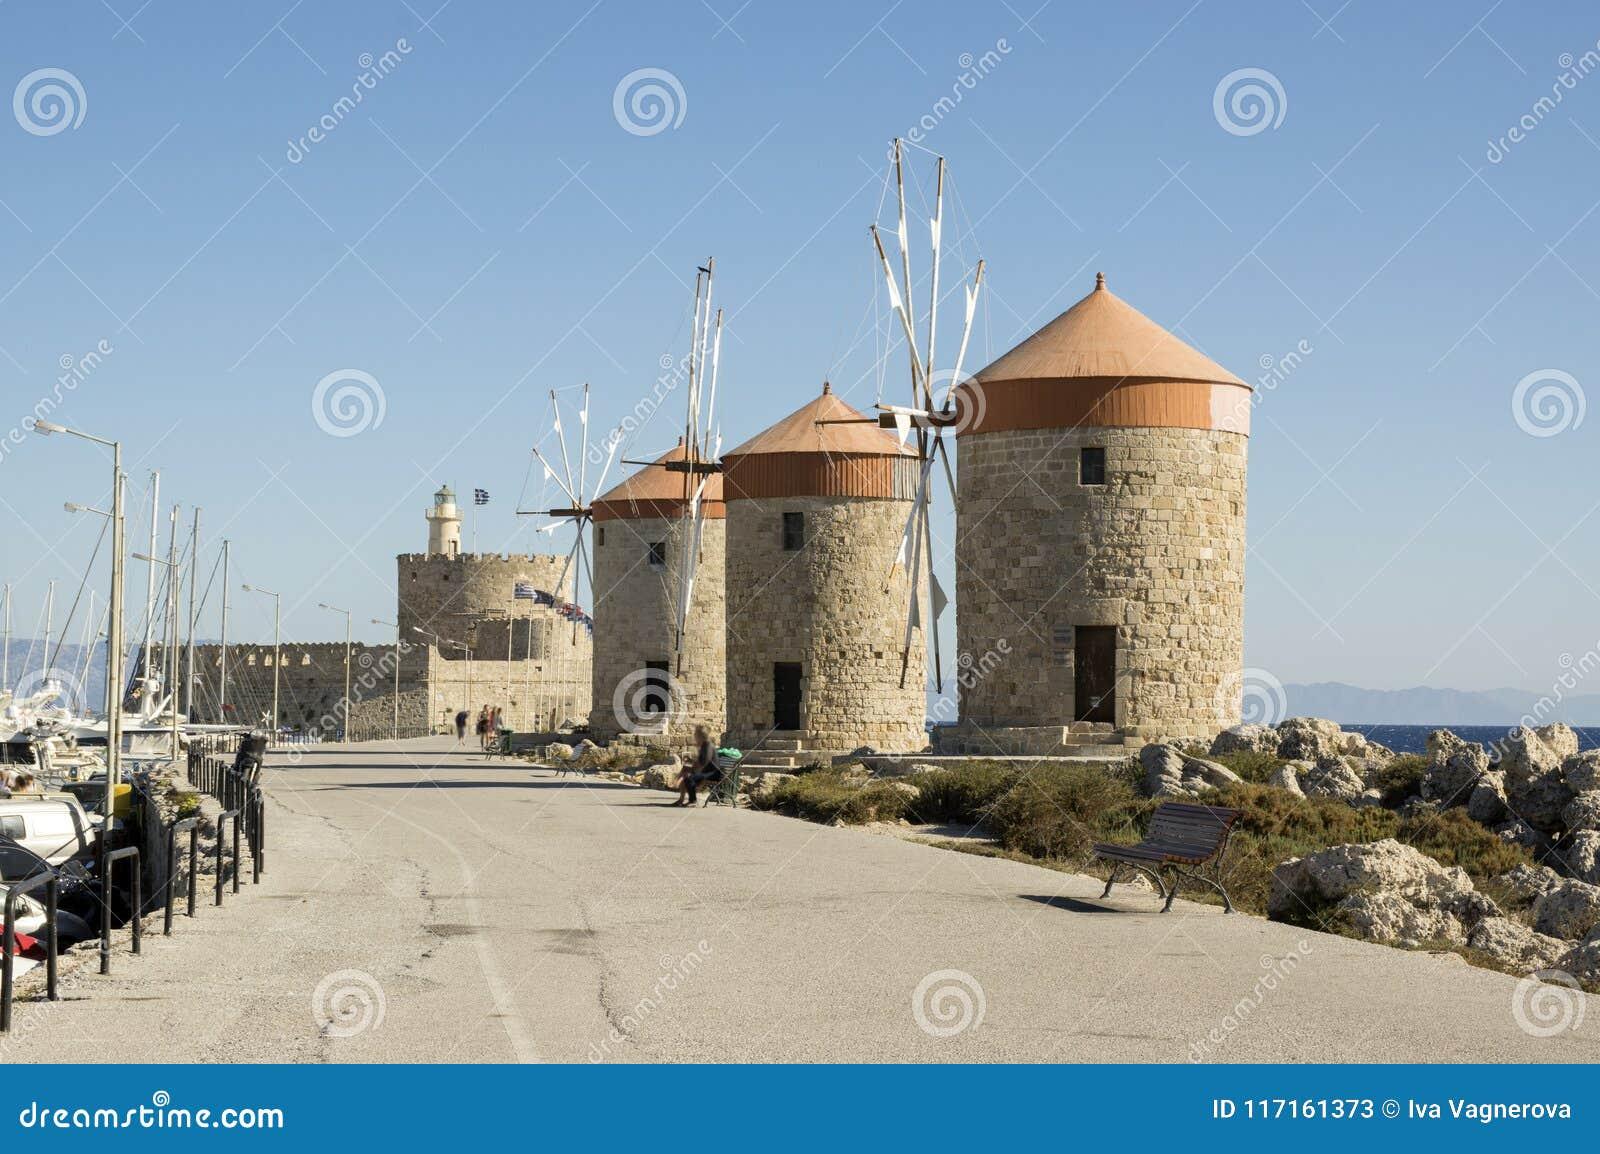 Oude windmolens op de steenachtige kustlijn van Rhodos in haven, oude historische gebouwen, bezienswaardigheid, blauwe hemel